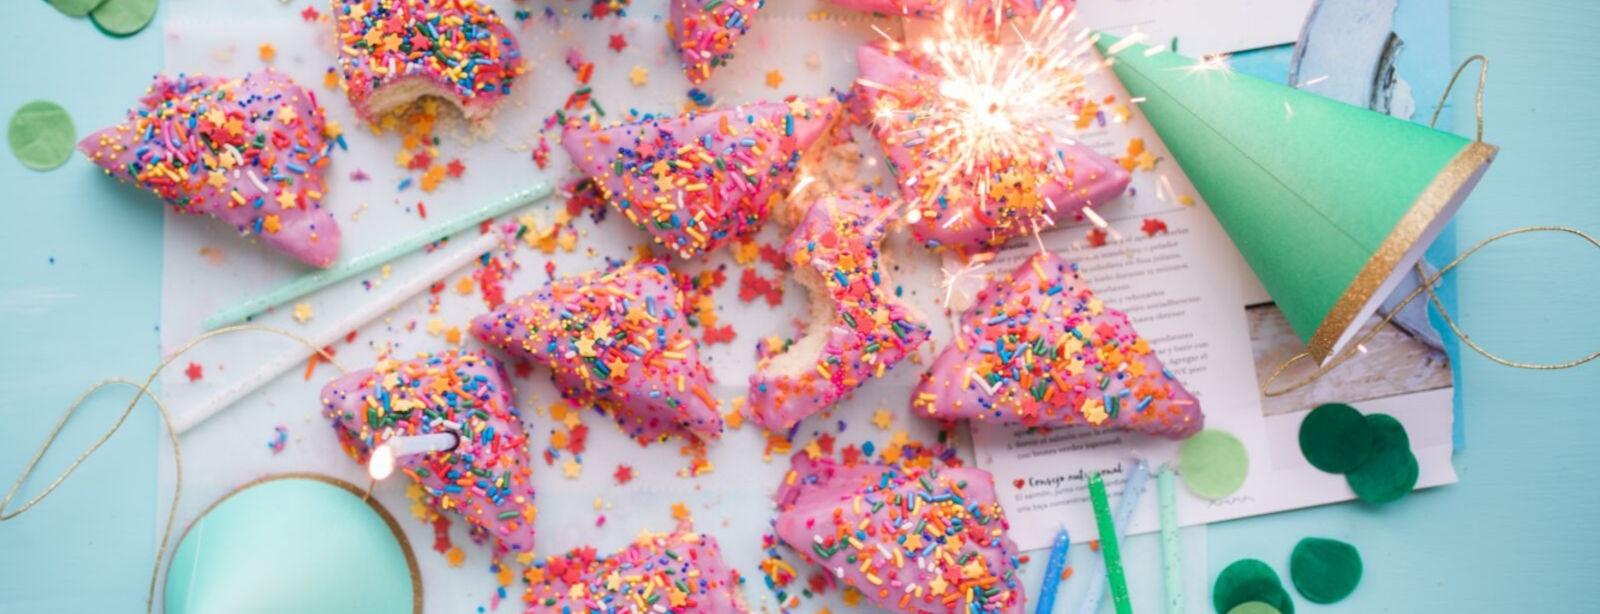 Partyhüte und rosa Kekse